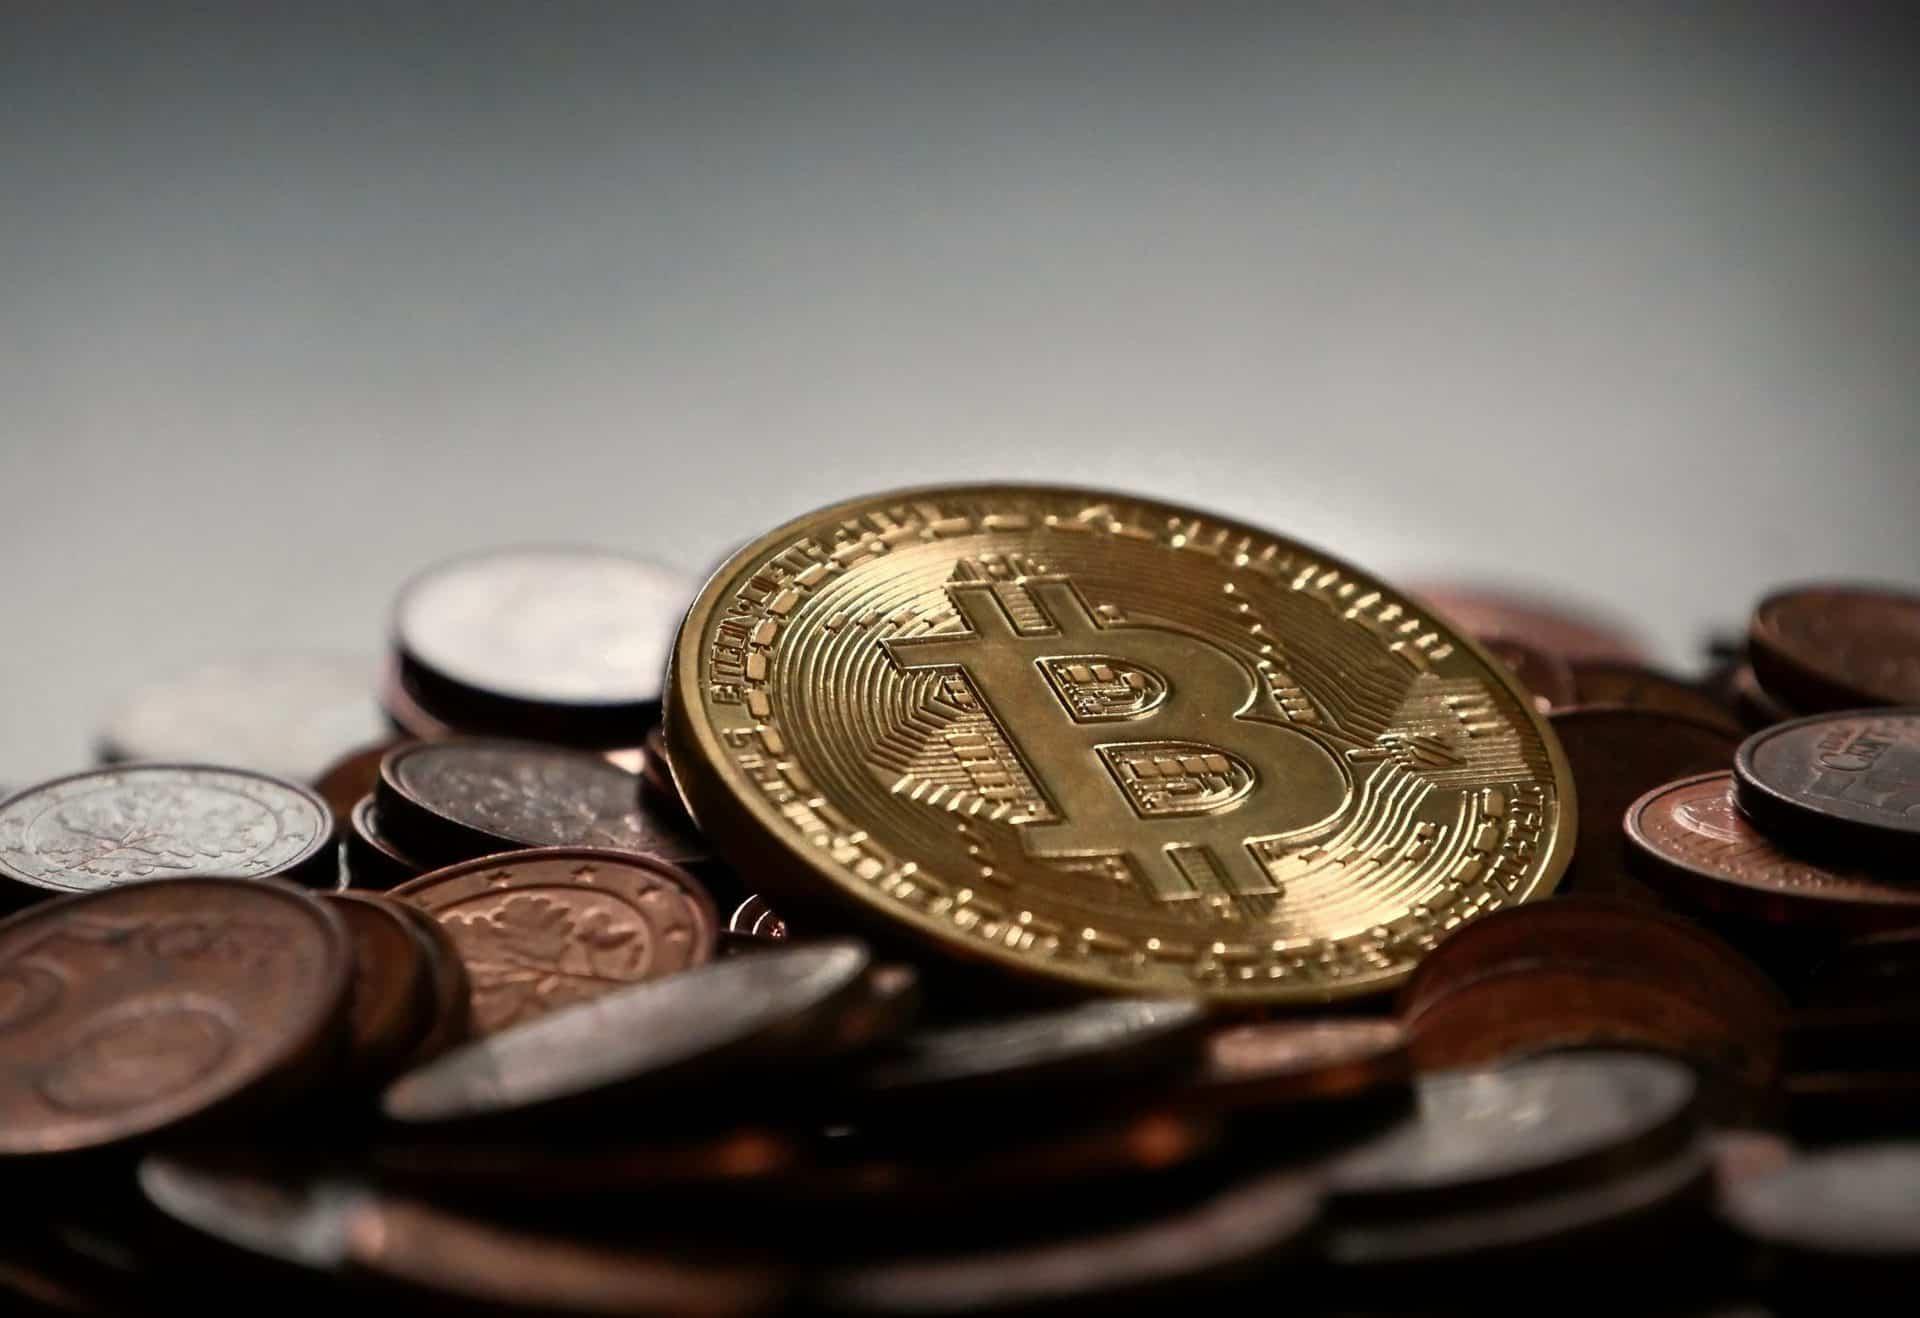 Bezahlcoins wie Bitcoin im Vergleich